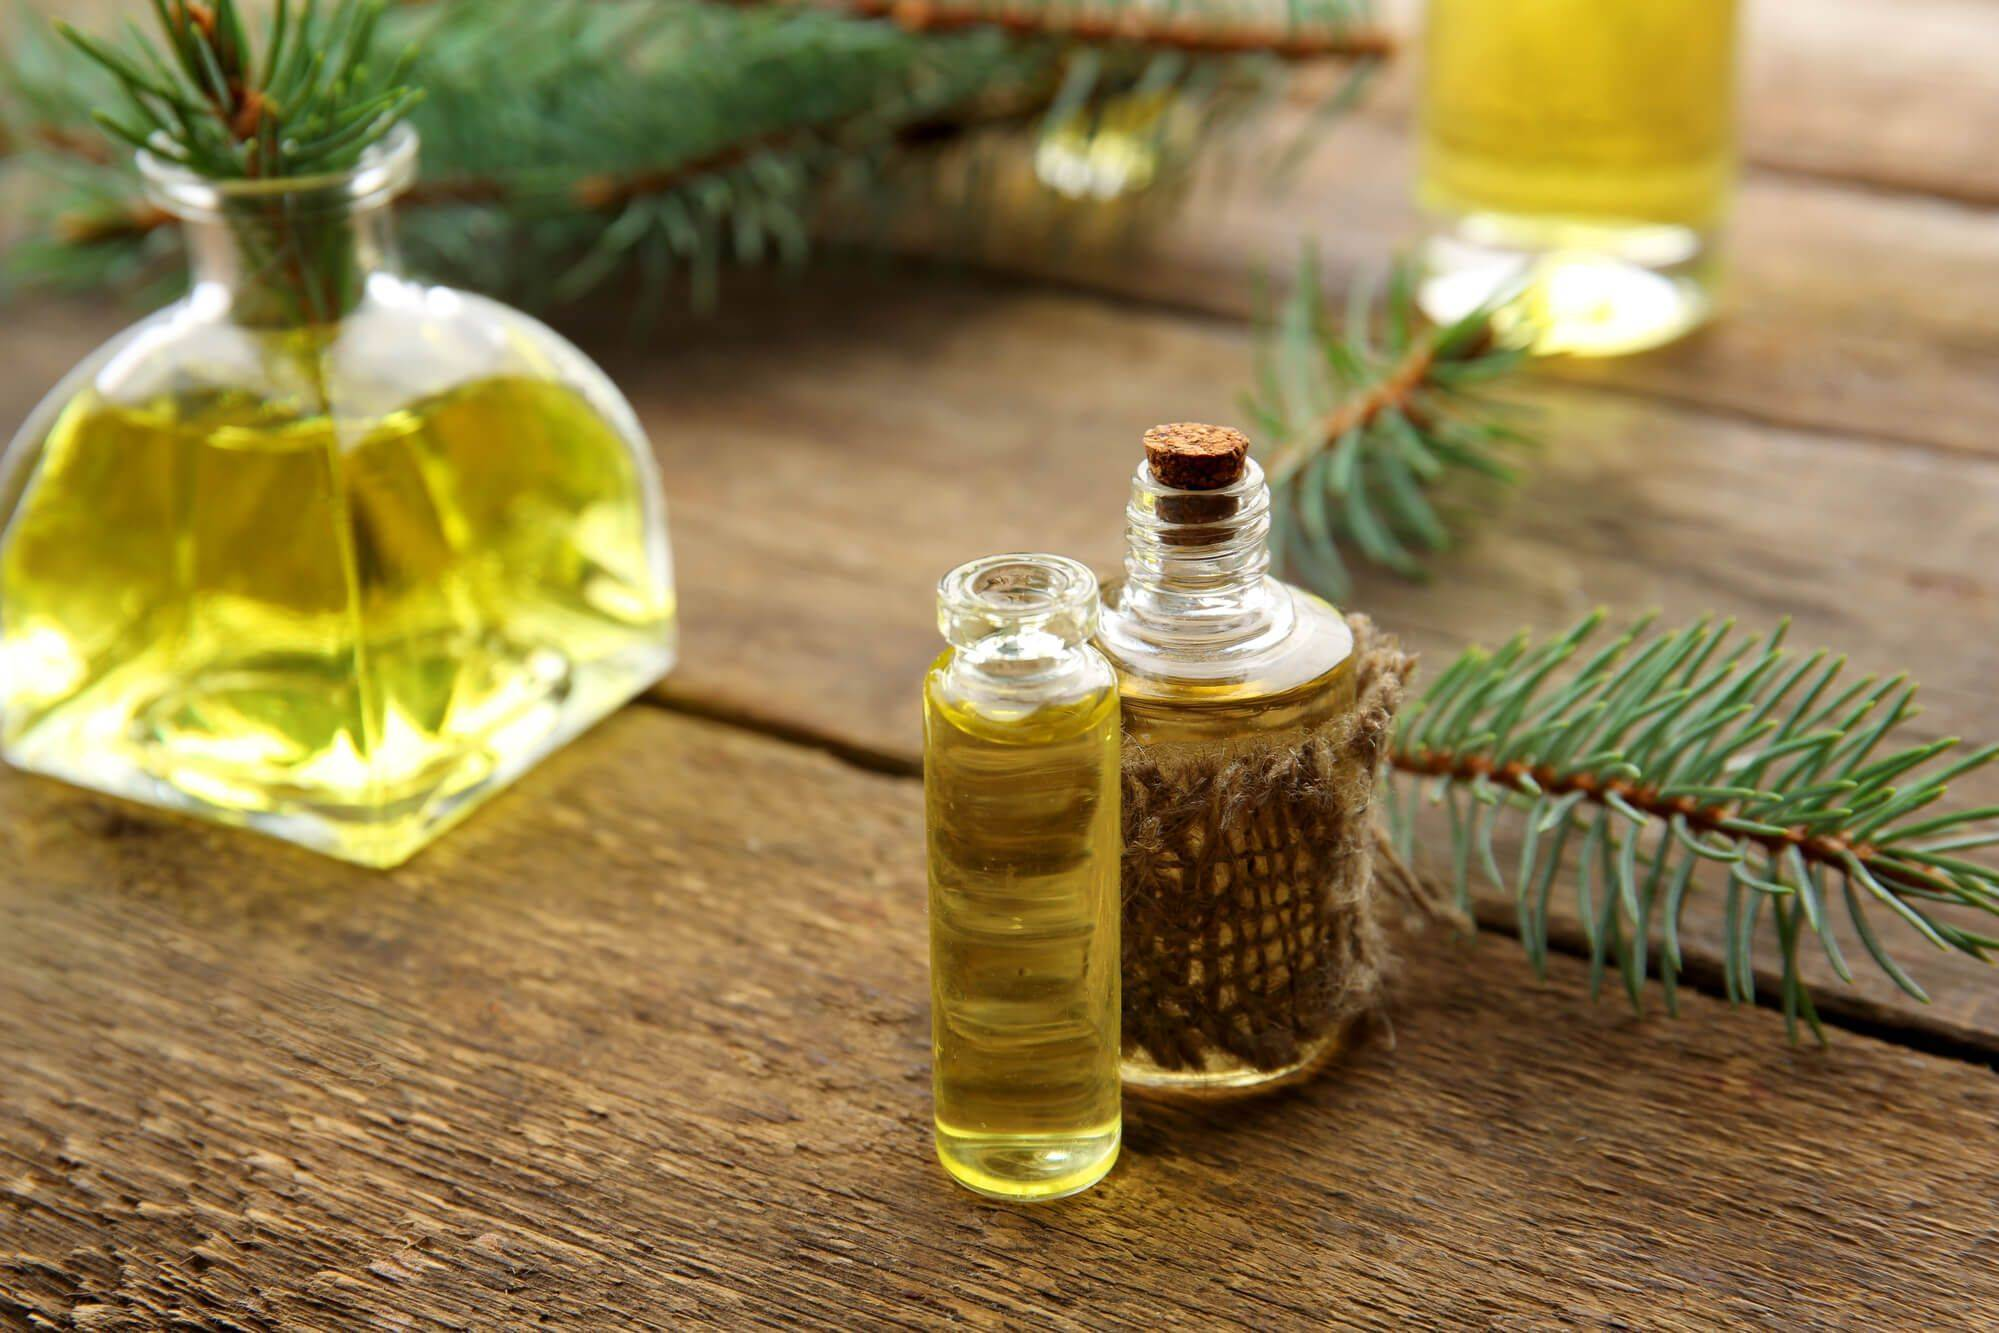 Свойства эфирного масла кедра: лечебная польза, применение и противопоказания